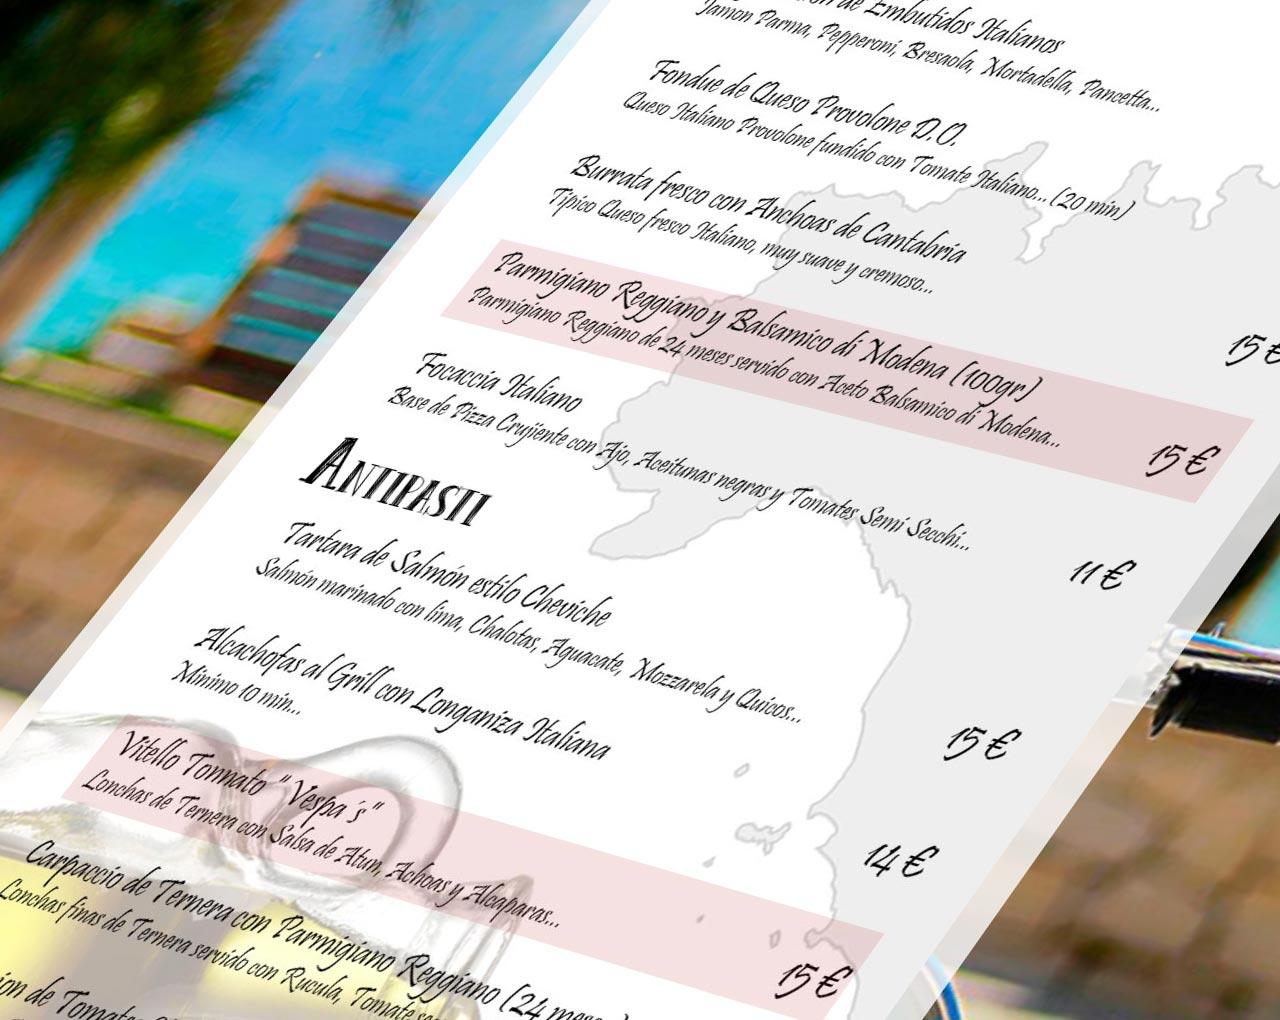 estudio de diseño grafico y web en murcia, restaurante vespa